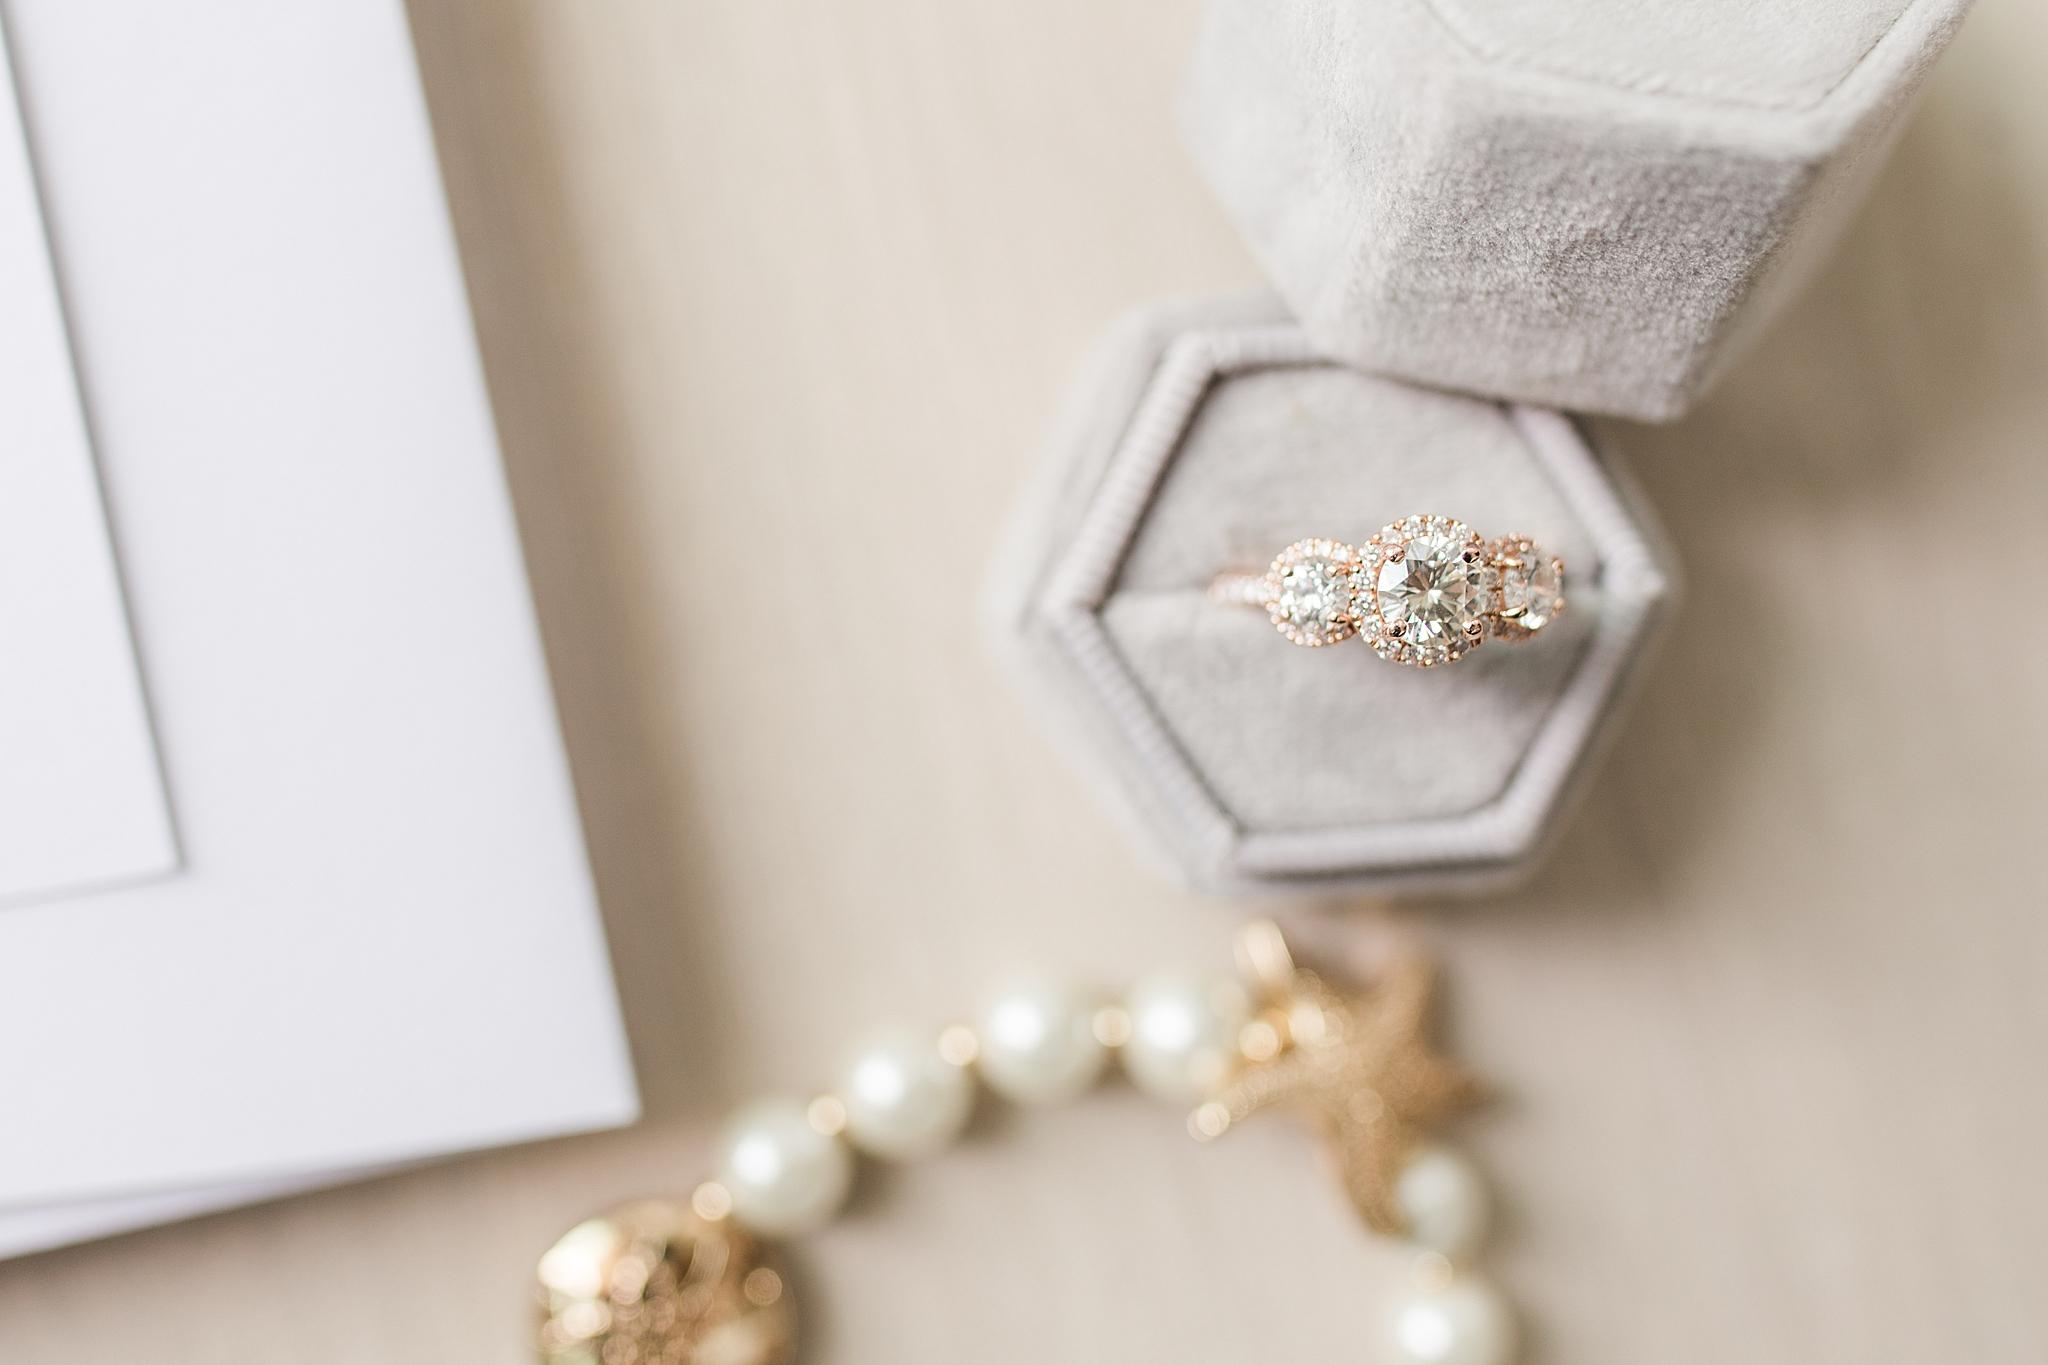 wedding ring in grey ring box